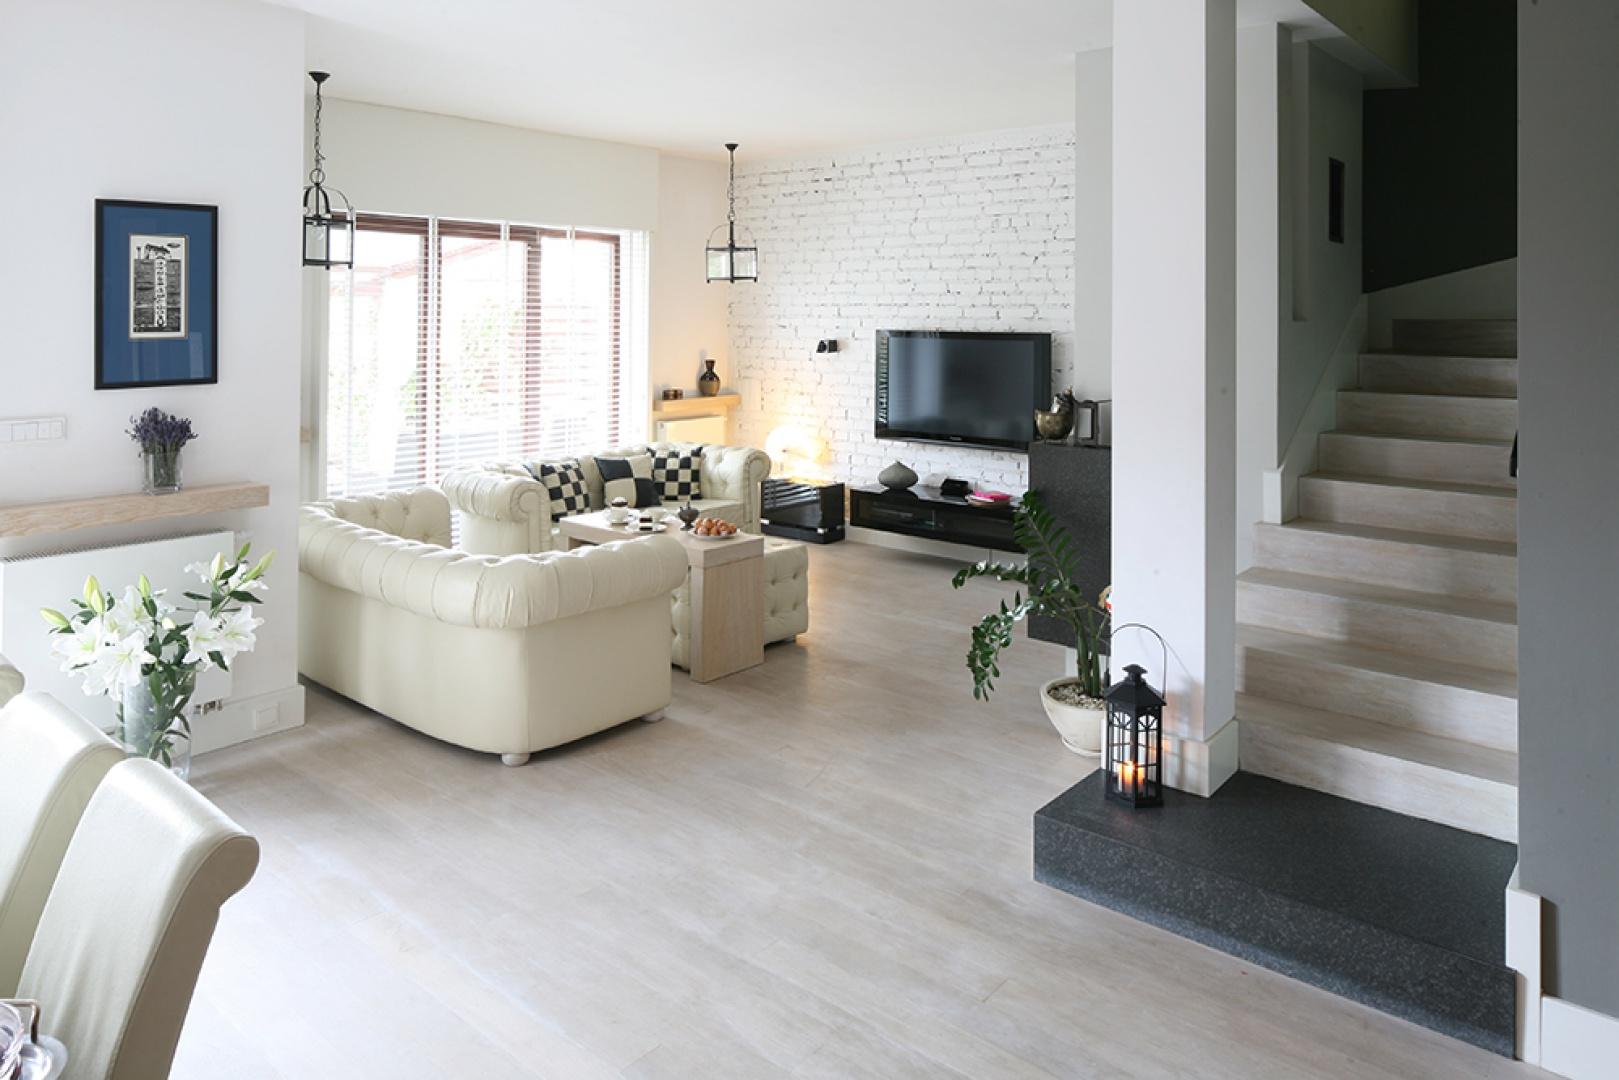 Miękkie, pikowane kanapy ocieplają surowe, nieotynkowane ściany. Nieco chłodne wnętrze stało się dzięki temu idealnym miejscem wypoczynku. Fot. Bartosz Jarosz.